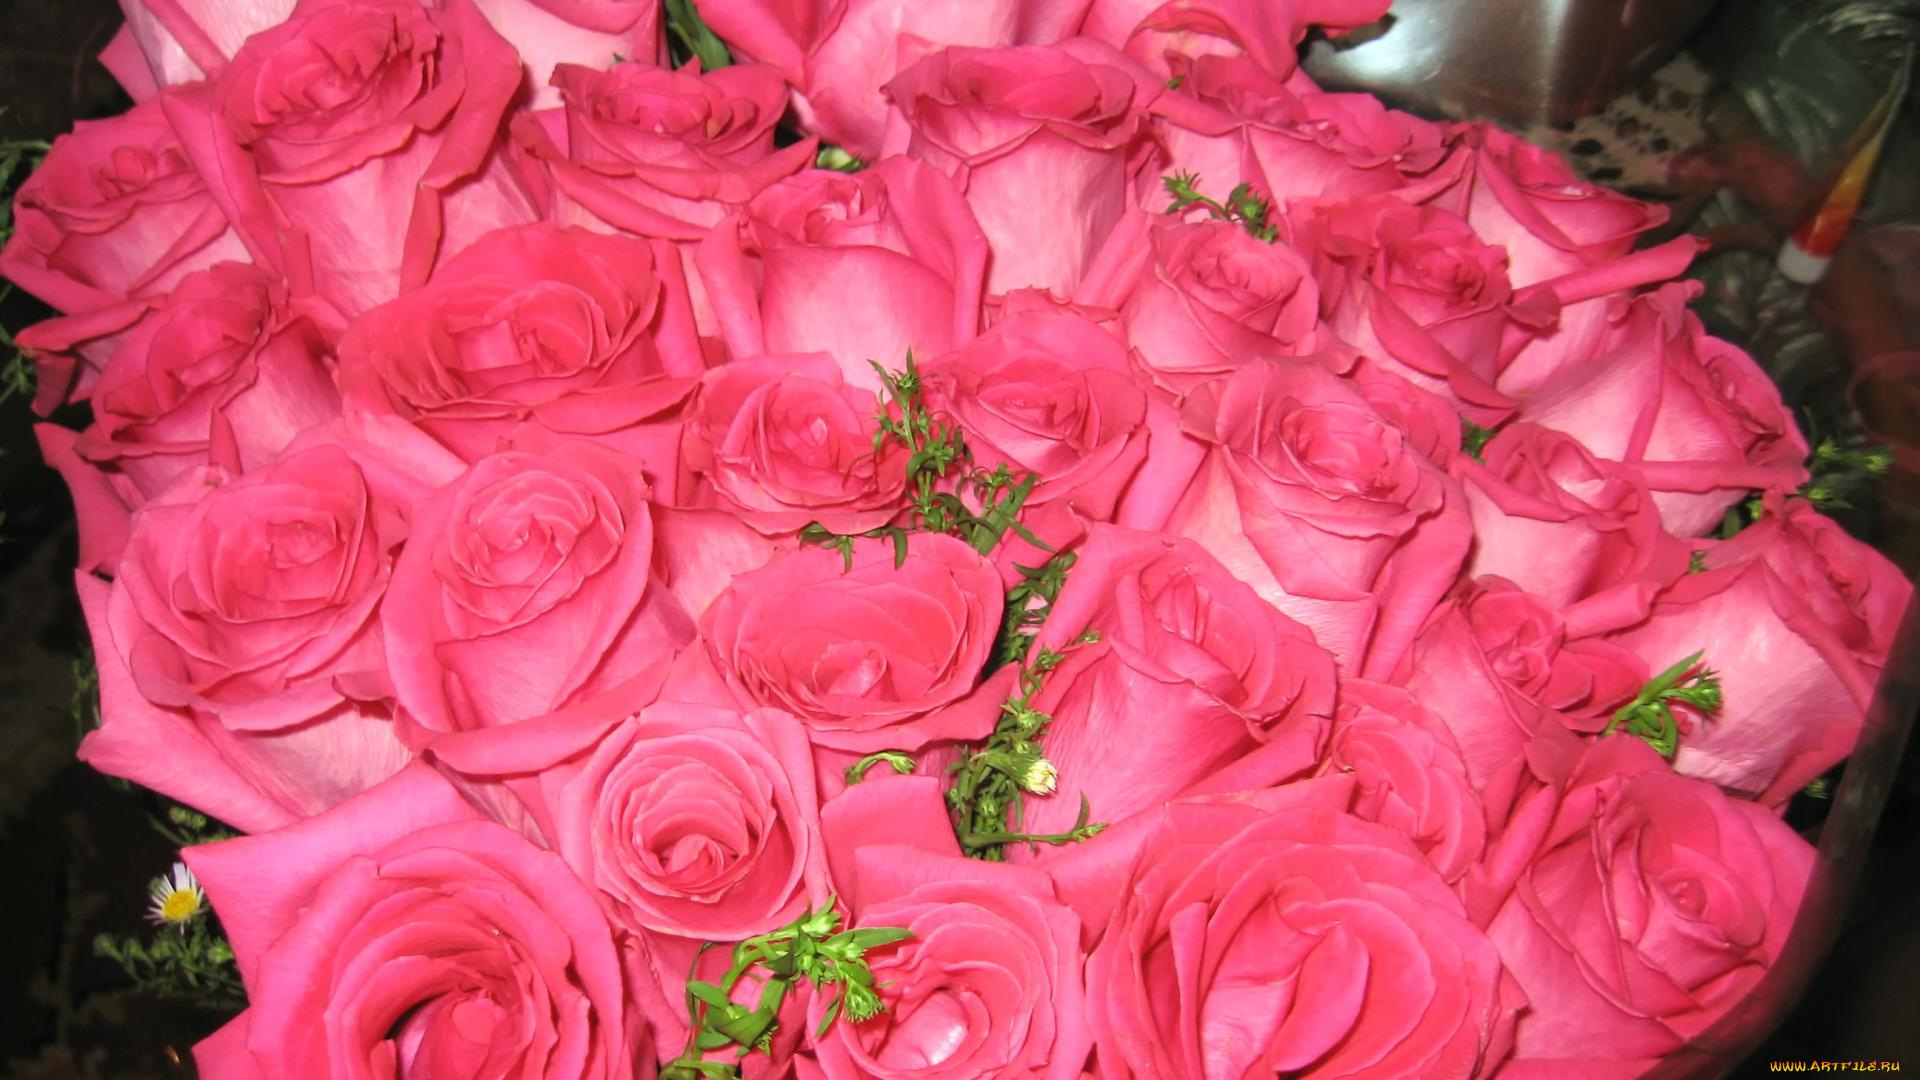 выбор открытки с изображением большого количества роз столовое серебро, ювелирные